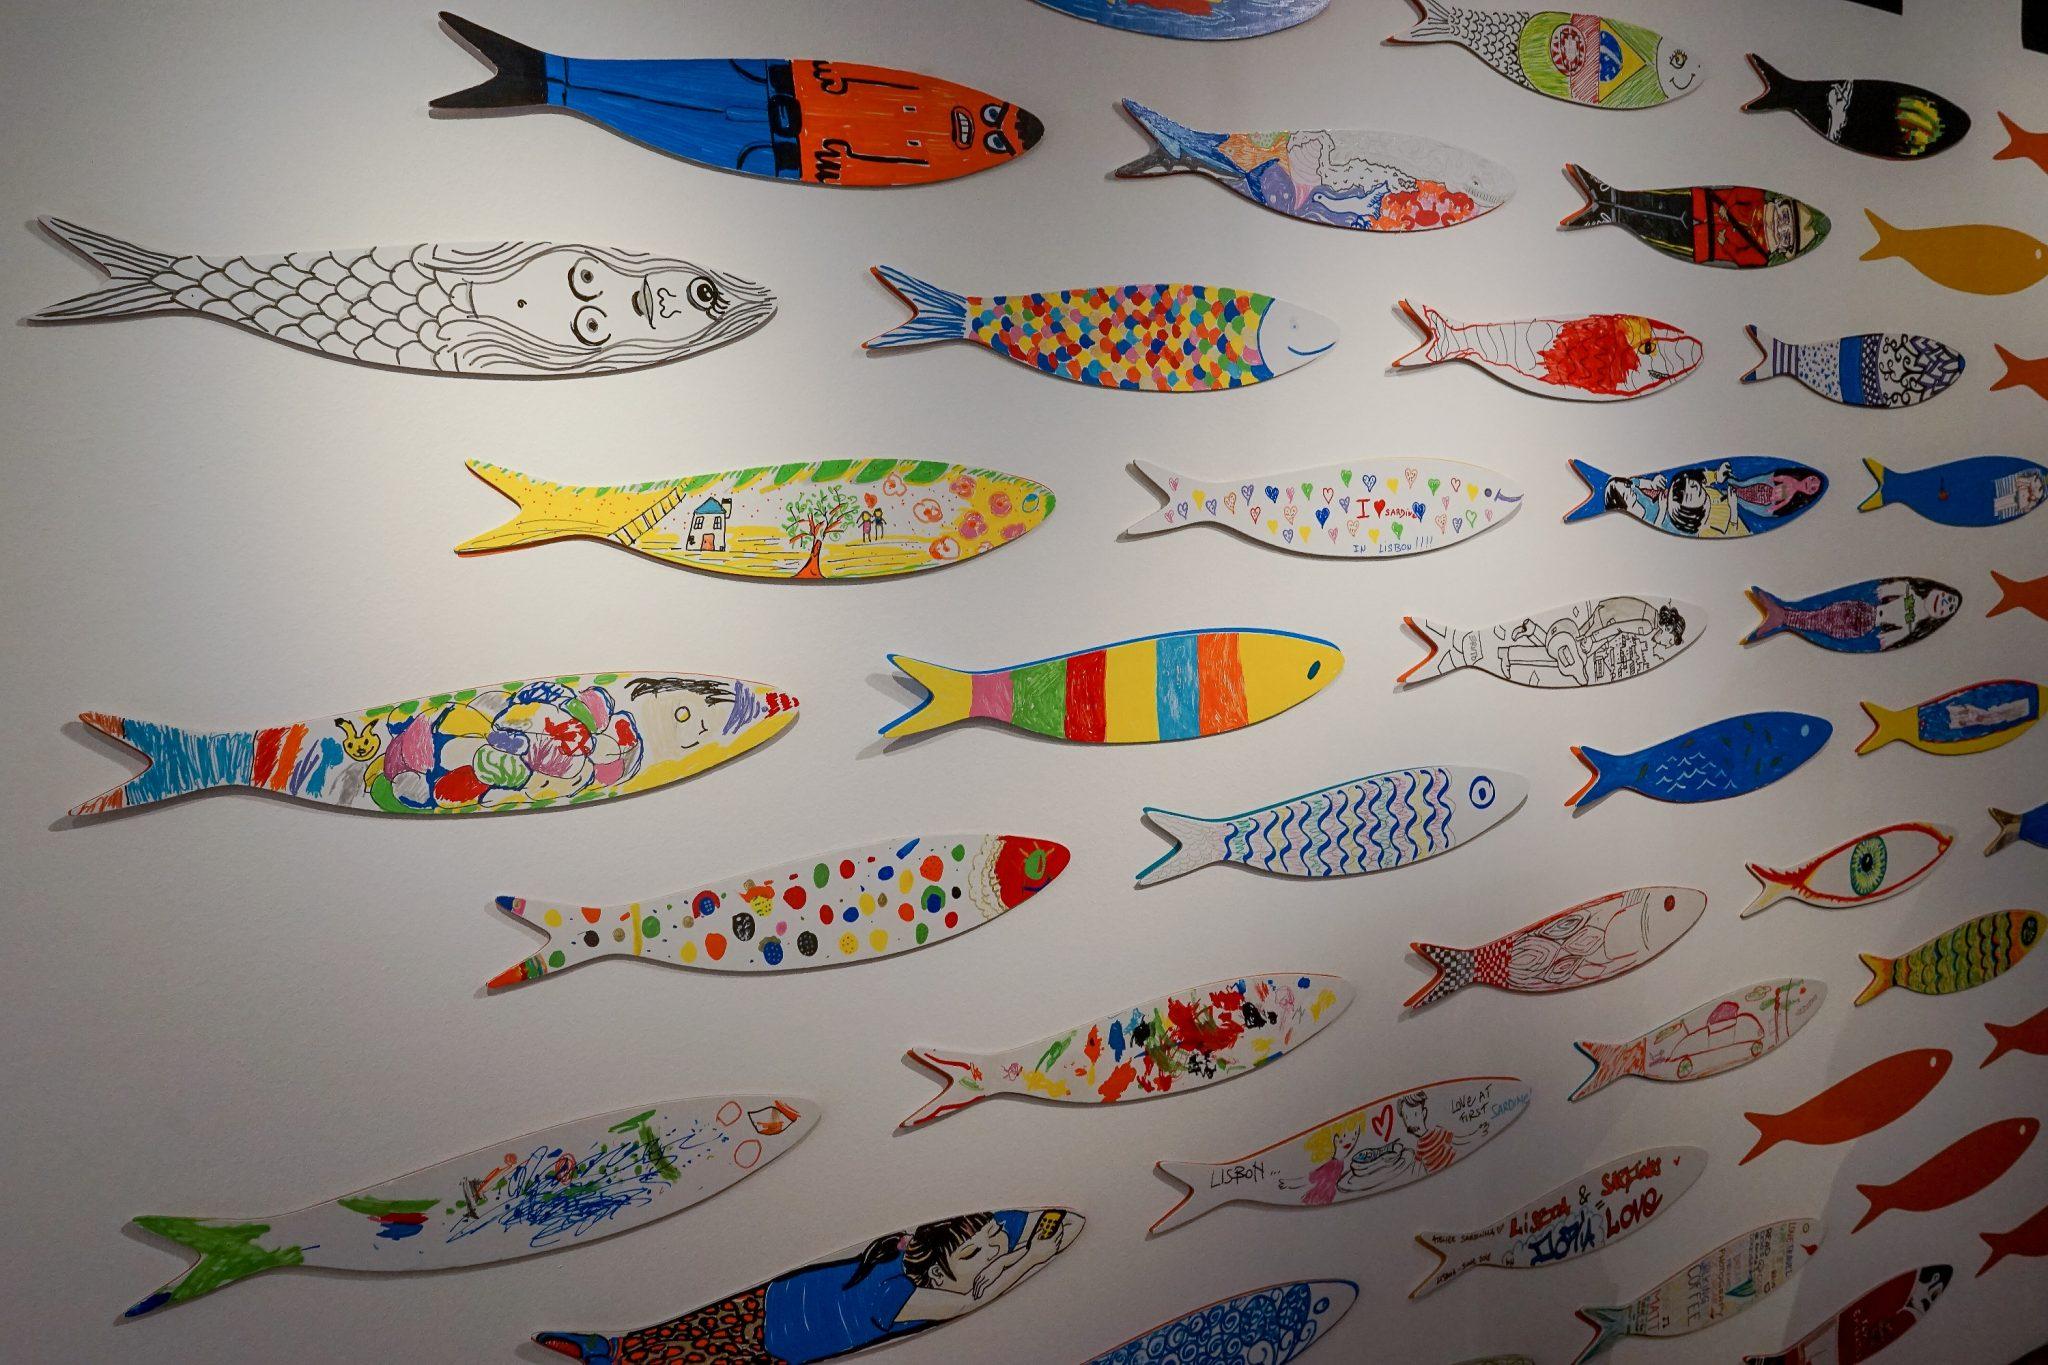 Uma parede com várias sardinhas desenhadas